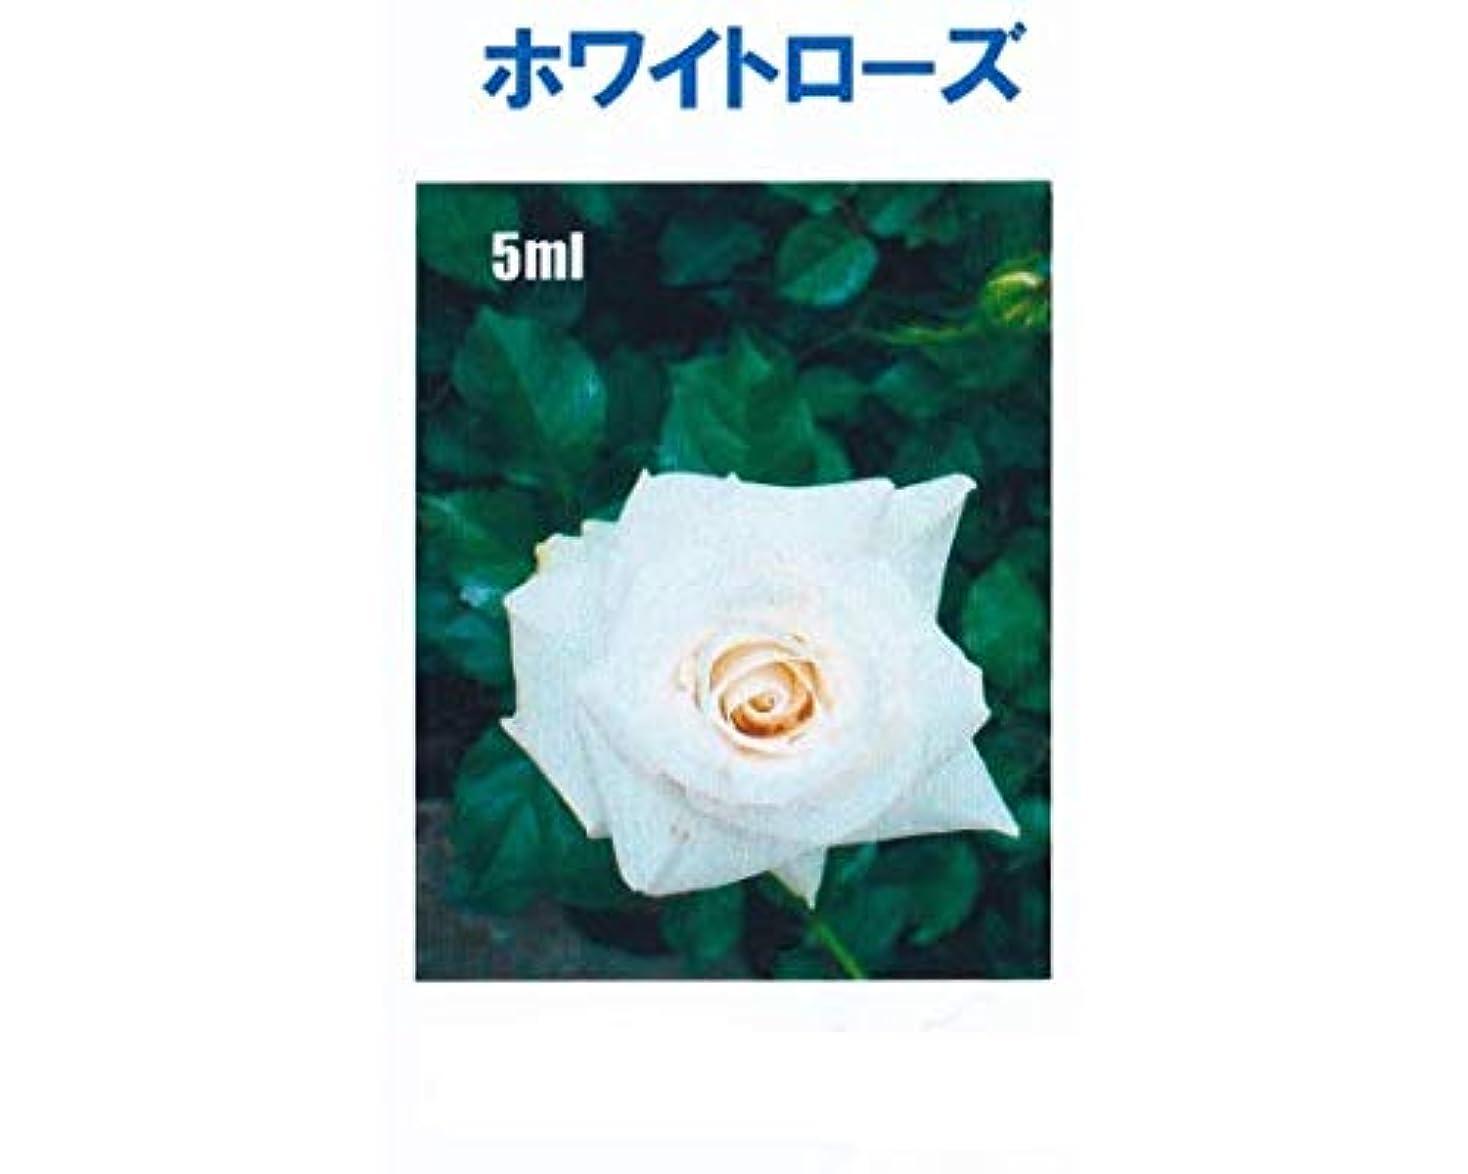 非常にメタルライン品揃えアロマオイル ホワイトローズ 5ml エッセンシャルオイル 100%天然成分